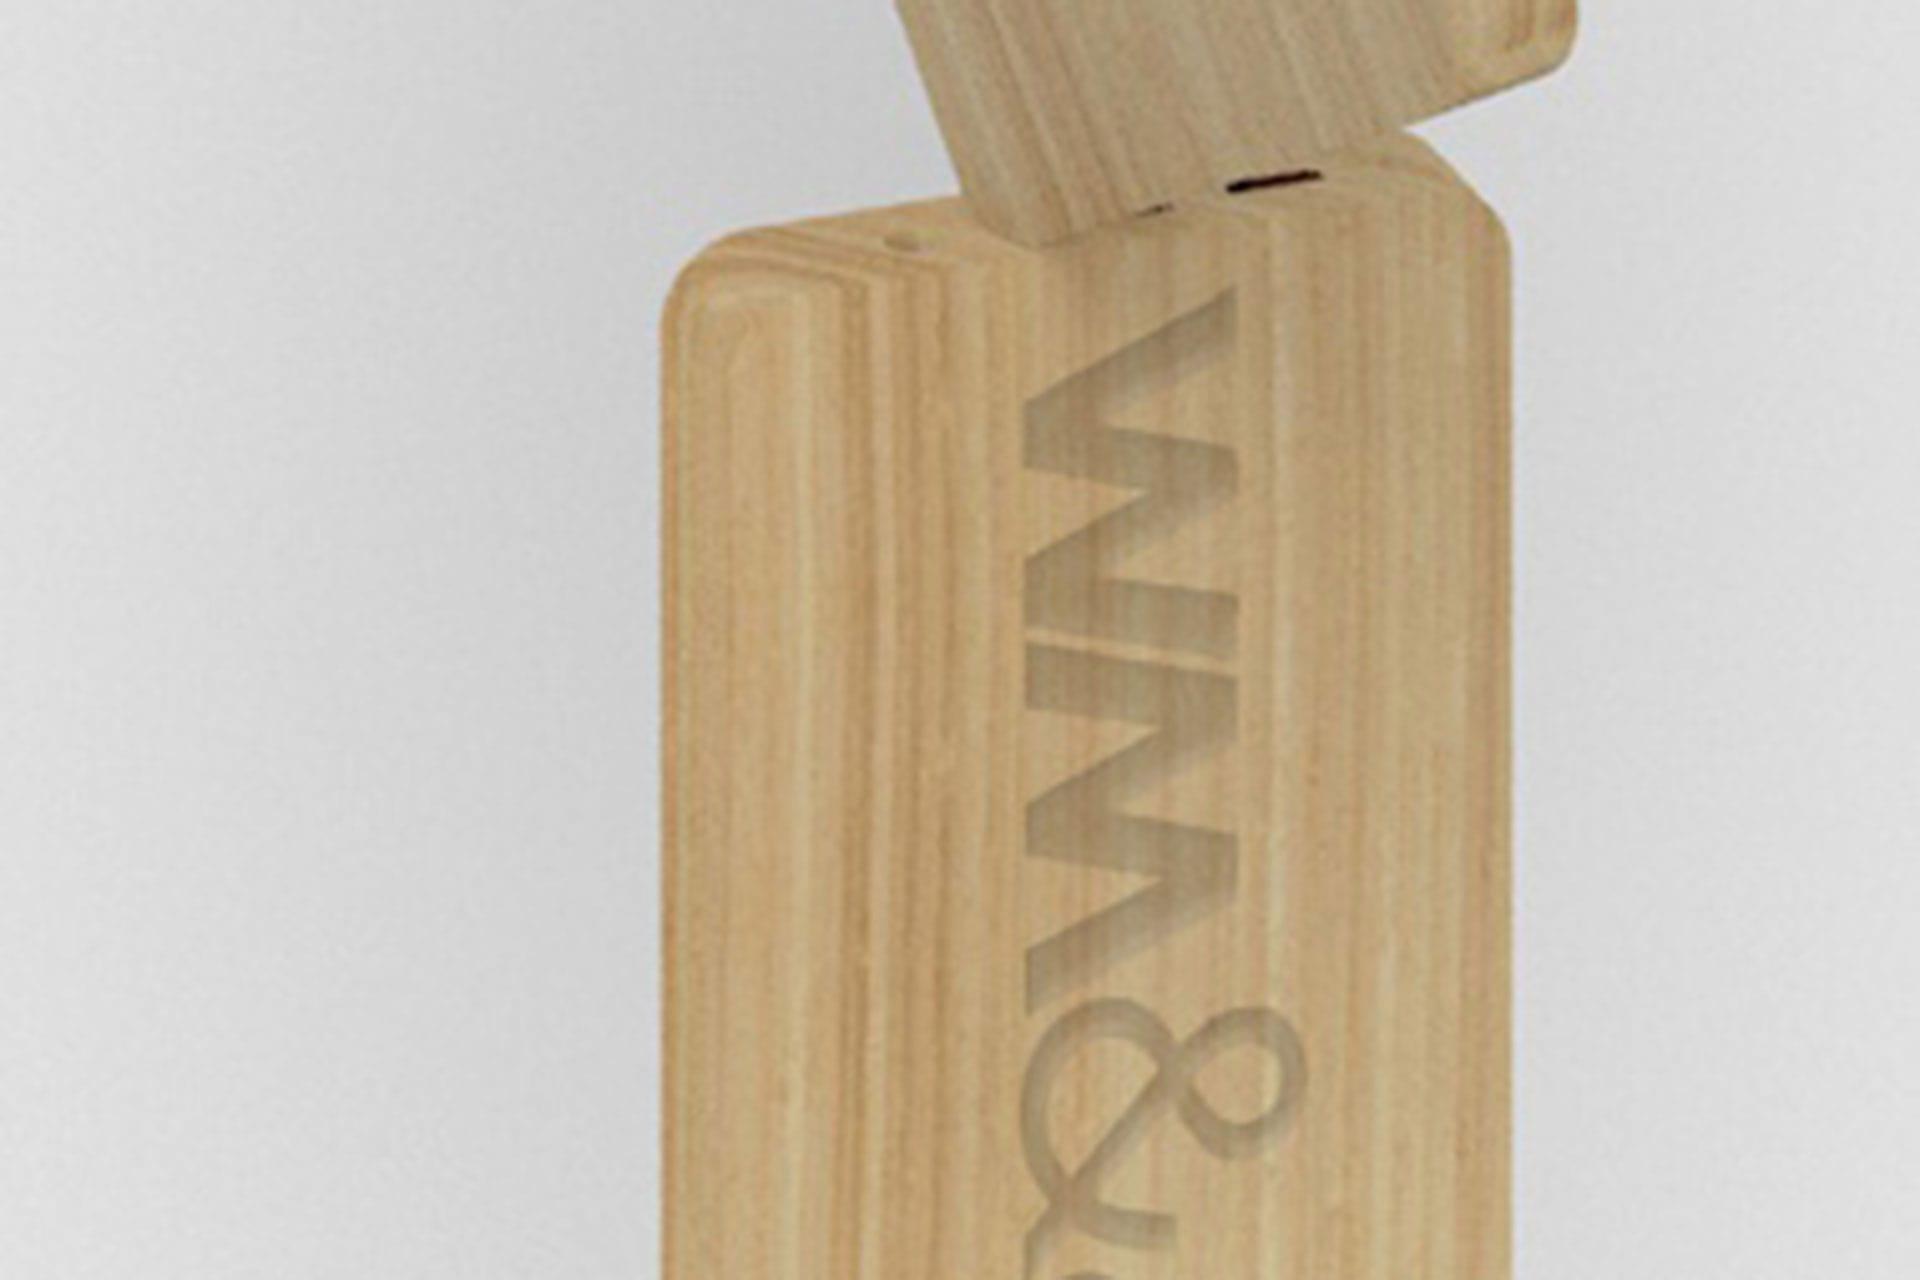 Powerbank Legno Wood personalizzato laser